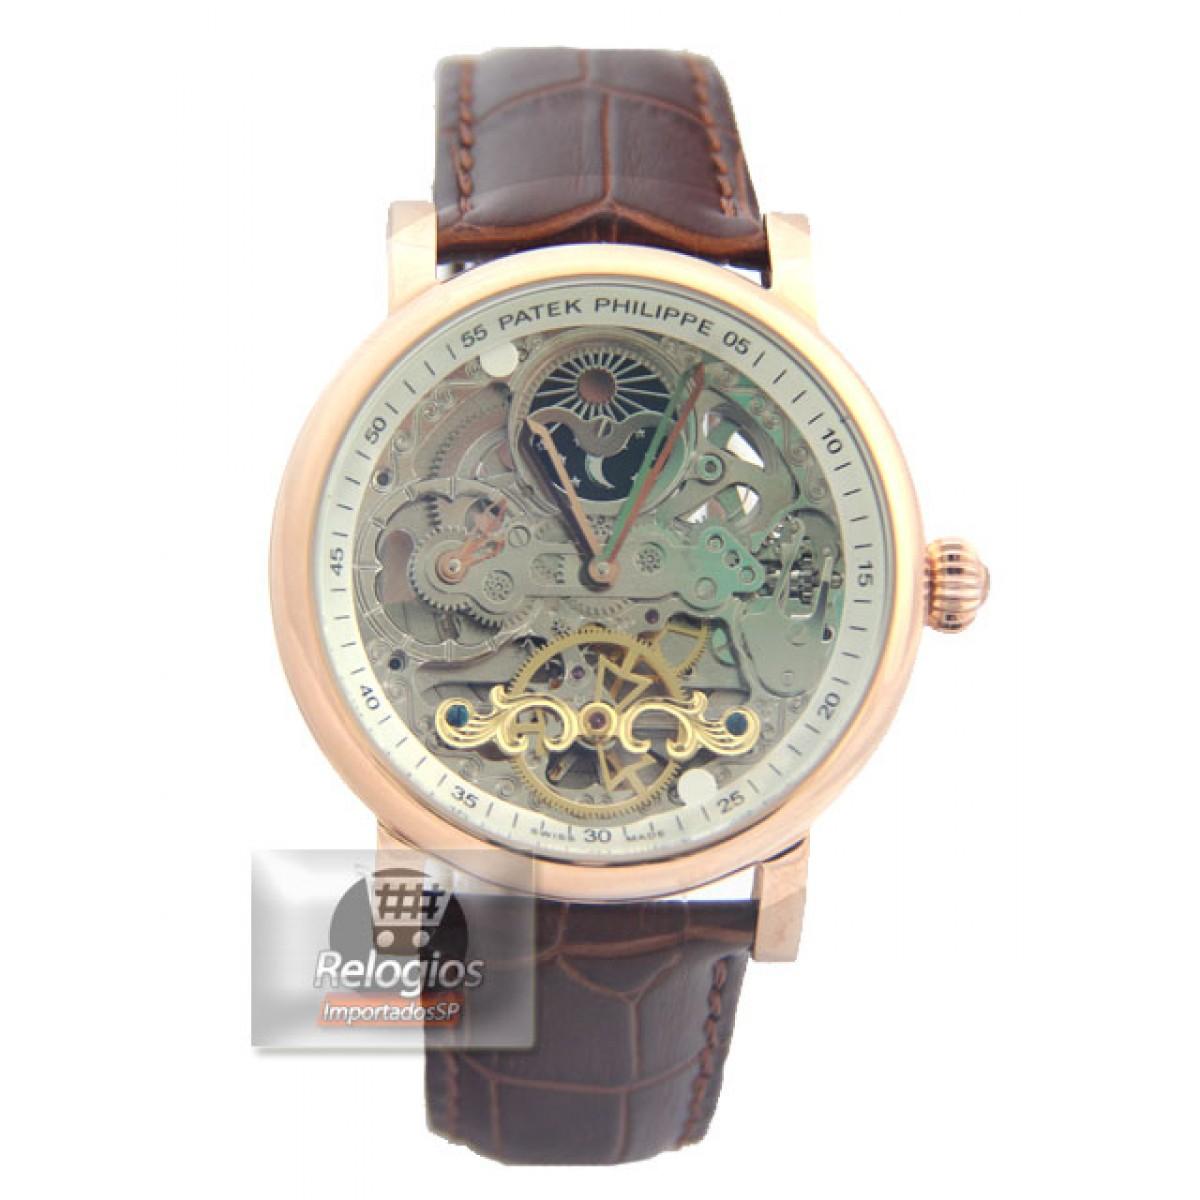 880ff048ef0 Relógio Réplica Patek Philippe Esquelete Marrom